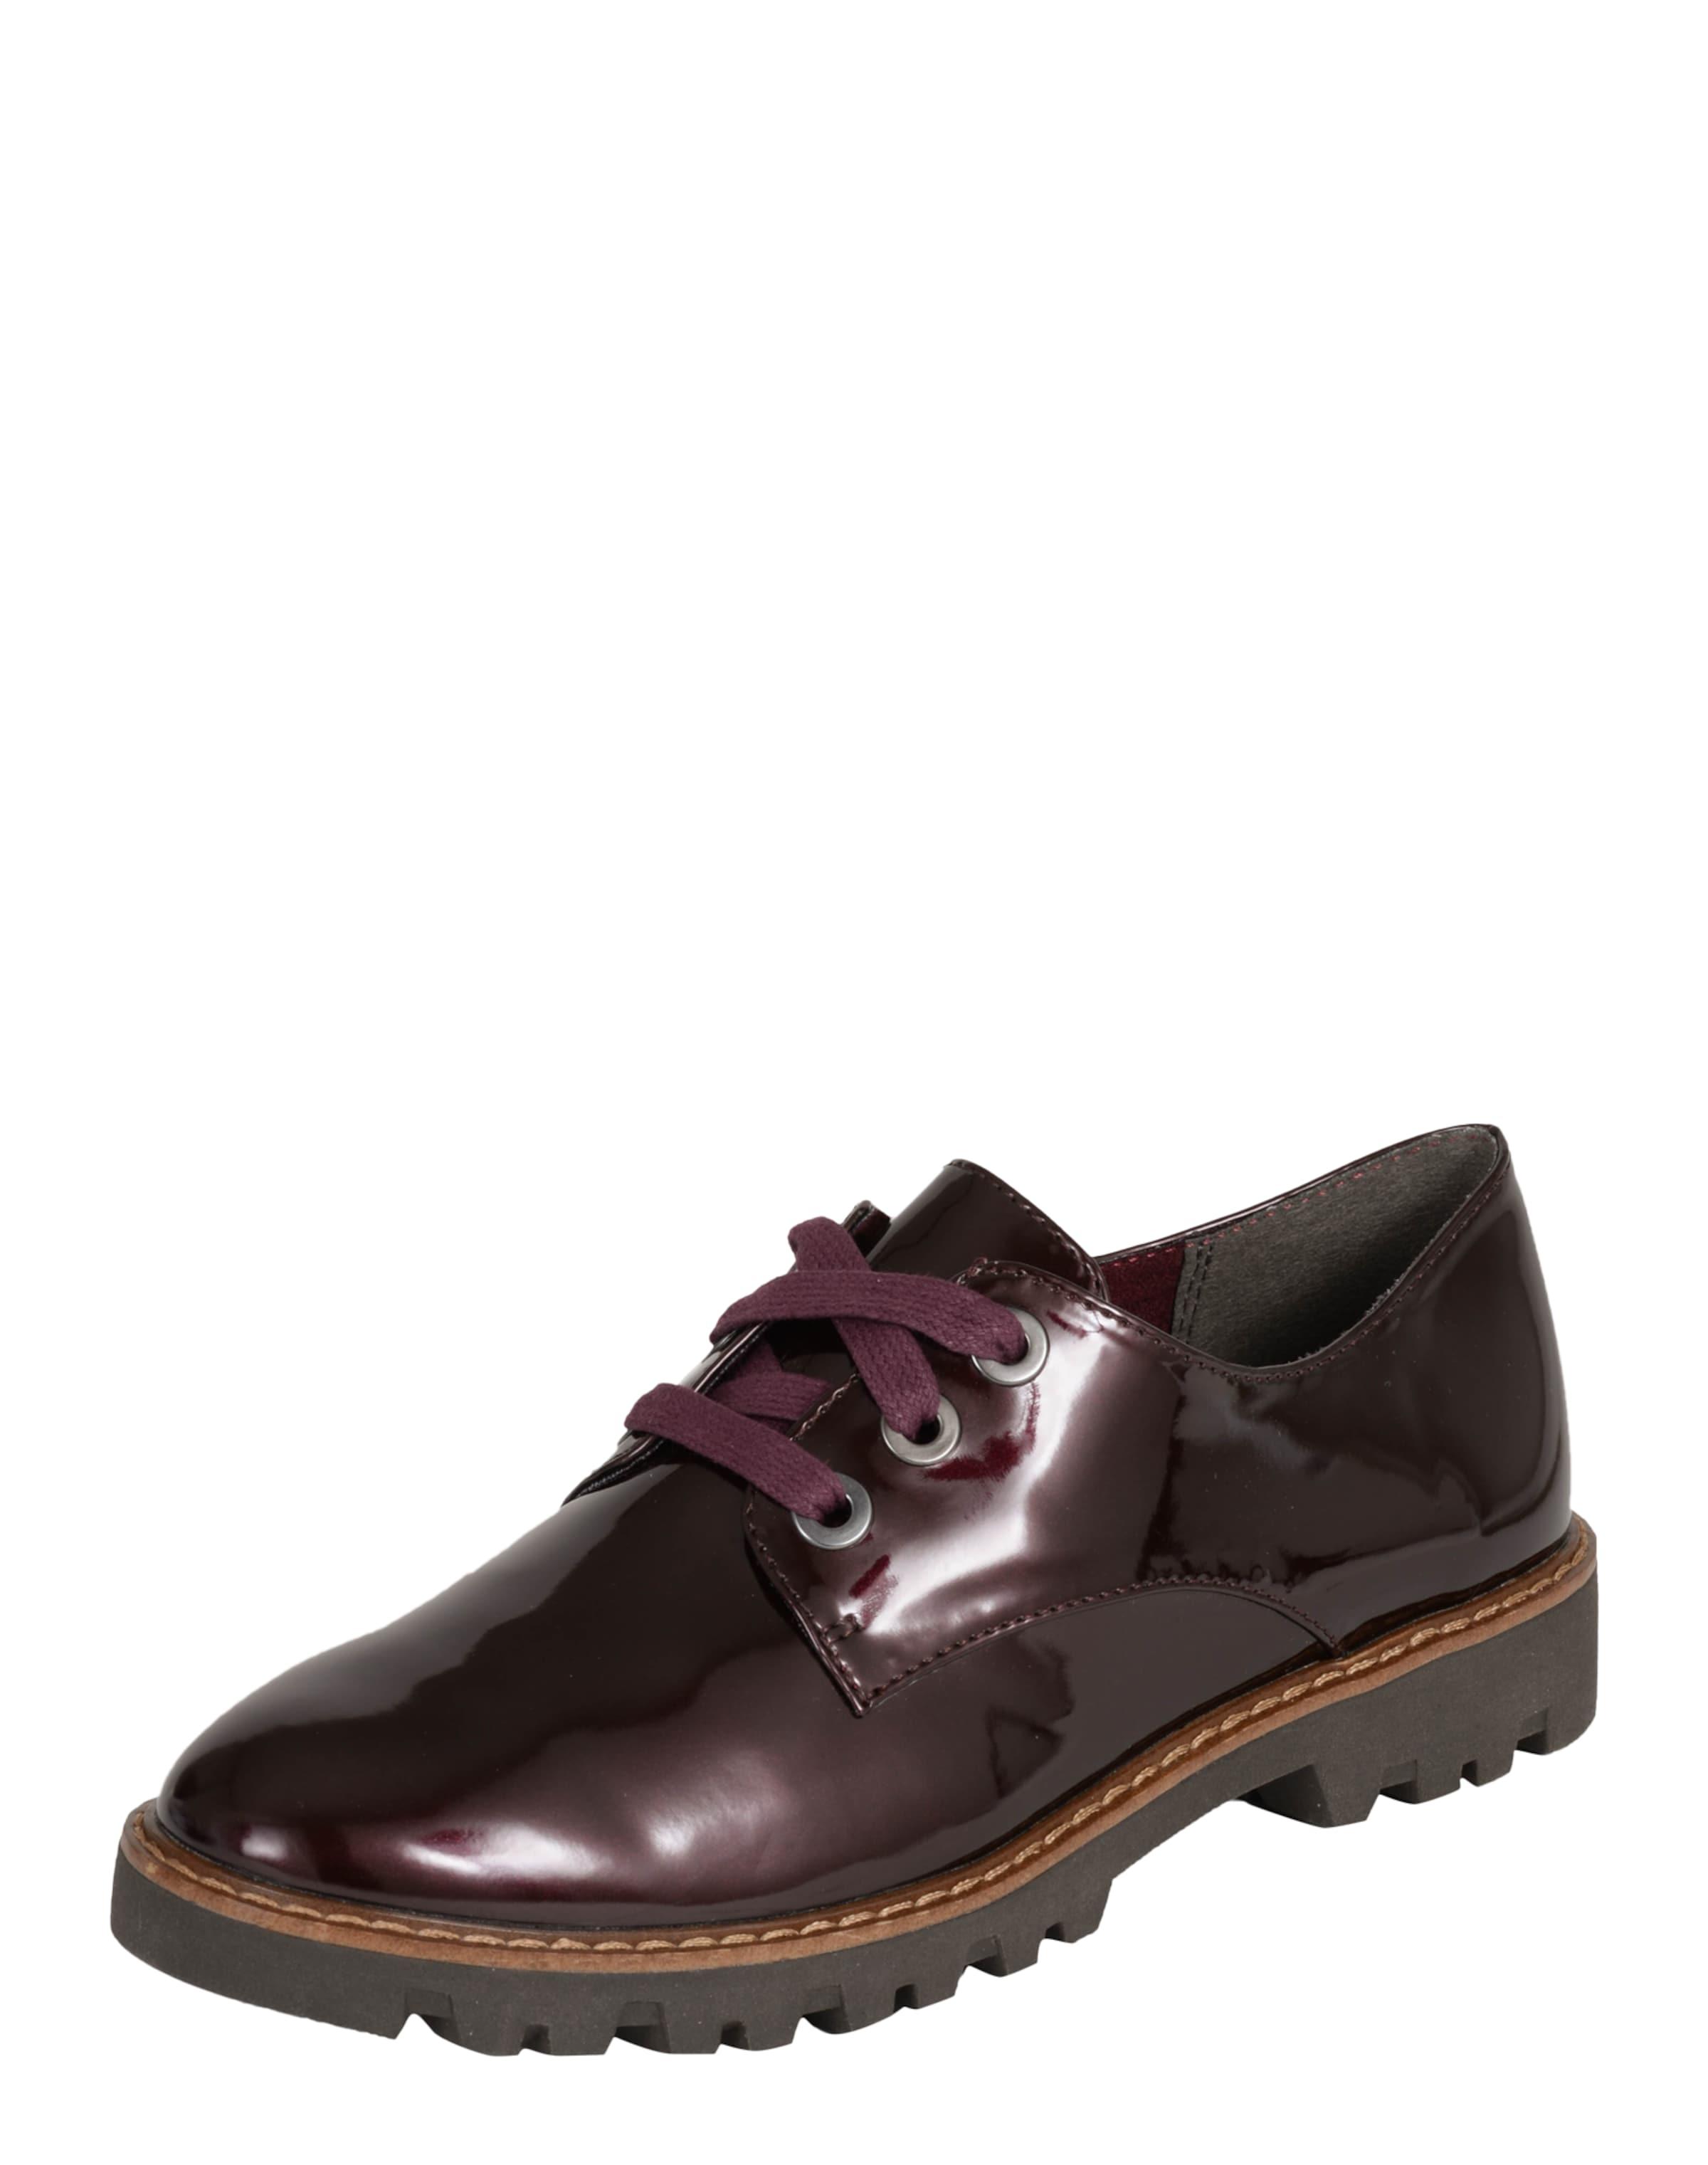 TAMARIS Schnürschuh aus Lack Verschleißfeste billige Schuhe